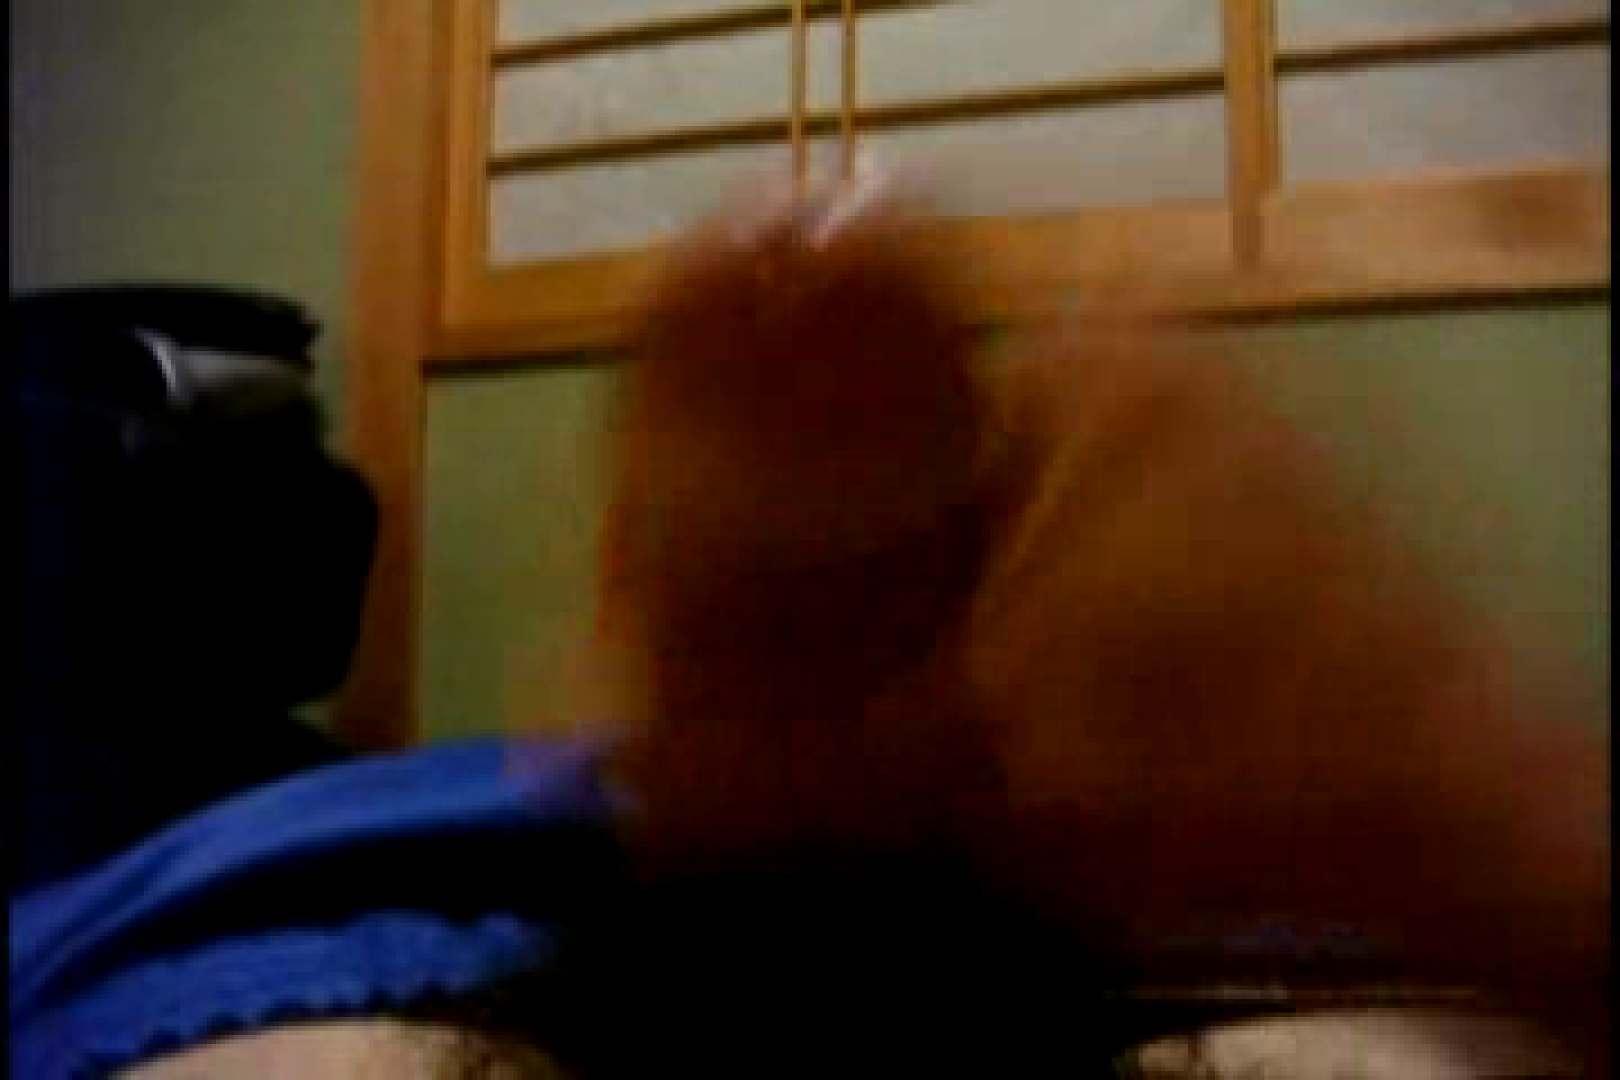 オナ好きノンケテニス部員の自画撮り投稿vol.02 ノンケ君達の・・ ゲイエロ動画 102枚 37